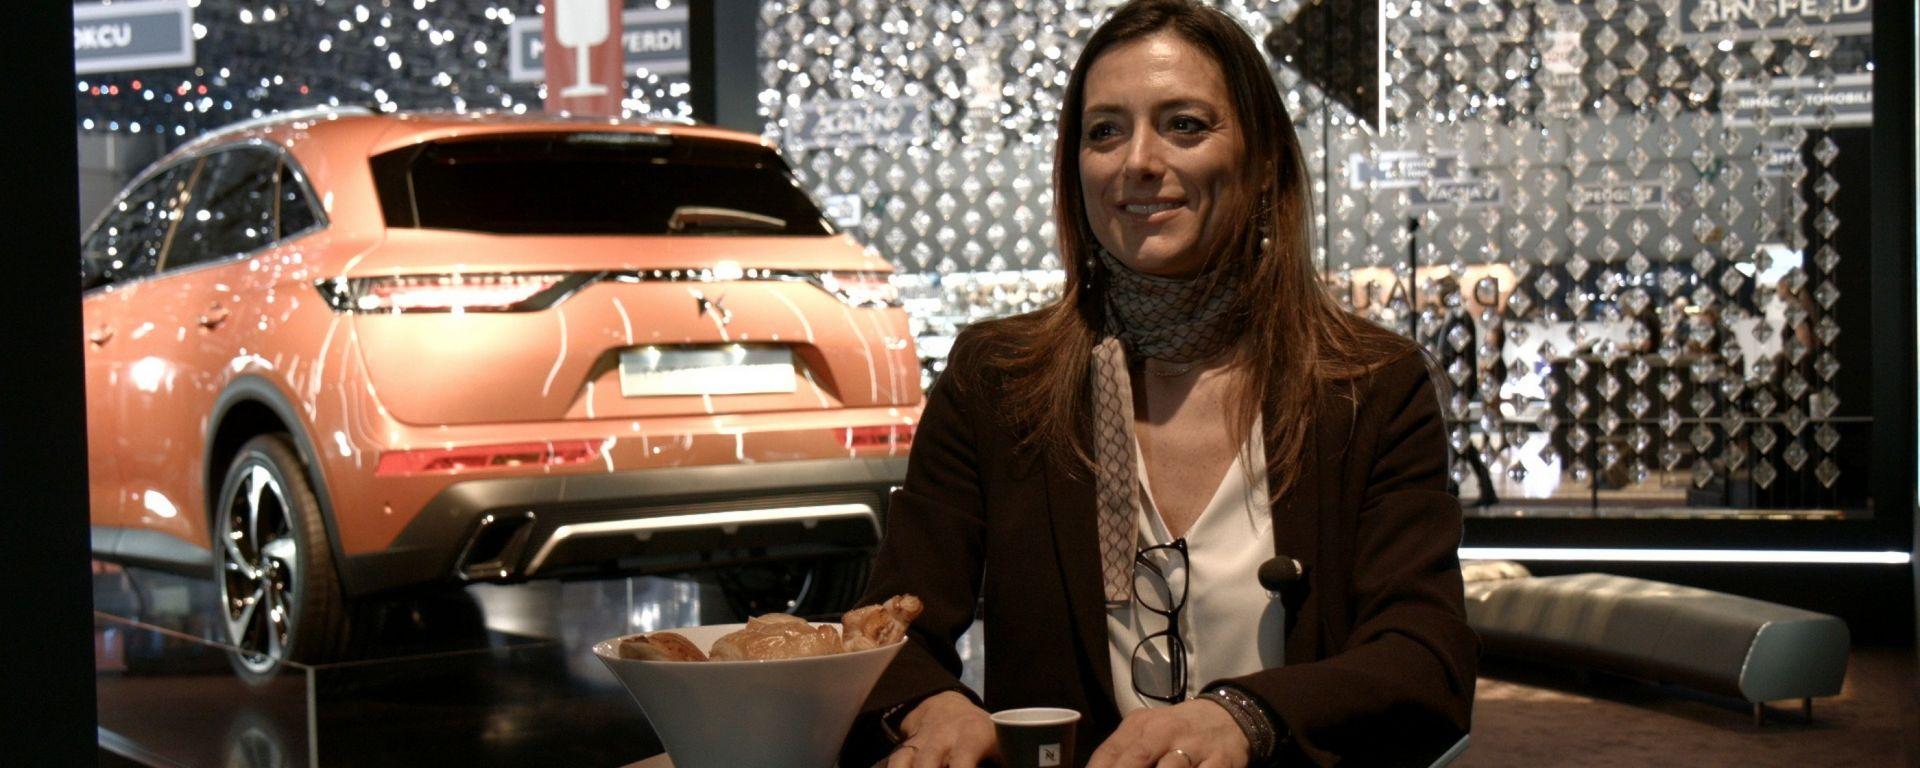 DS7 Crossback, Salone di Ginevra, Elena Fumagalli, Responsabile Comunicazione DS Italia